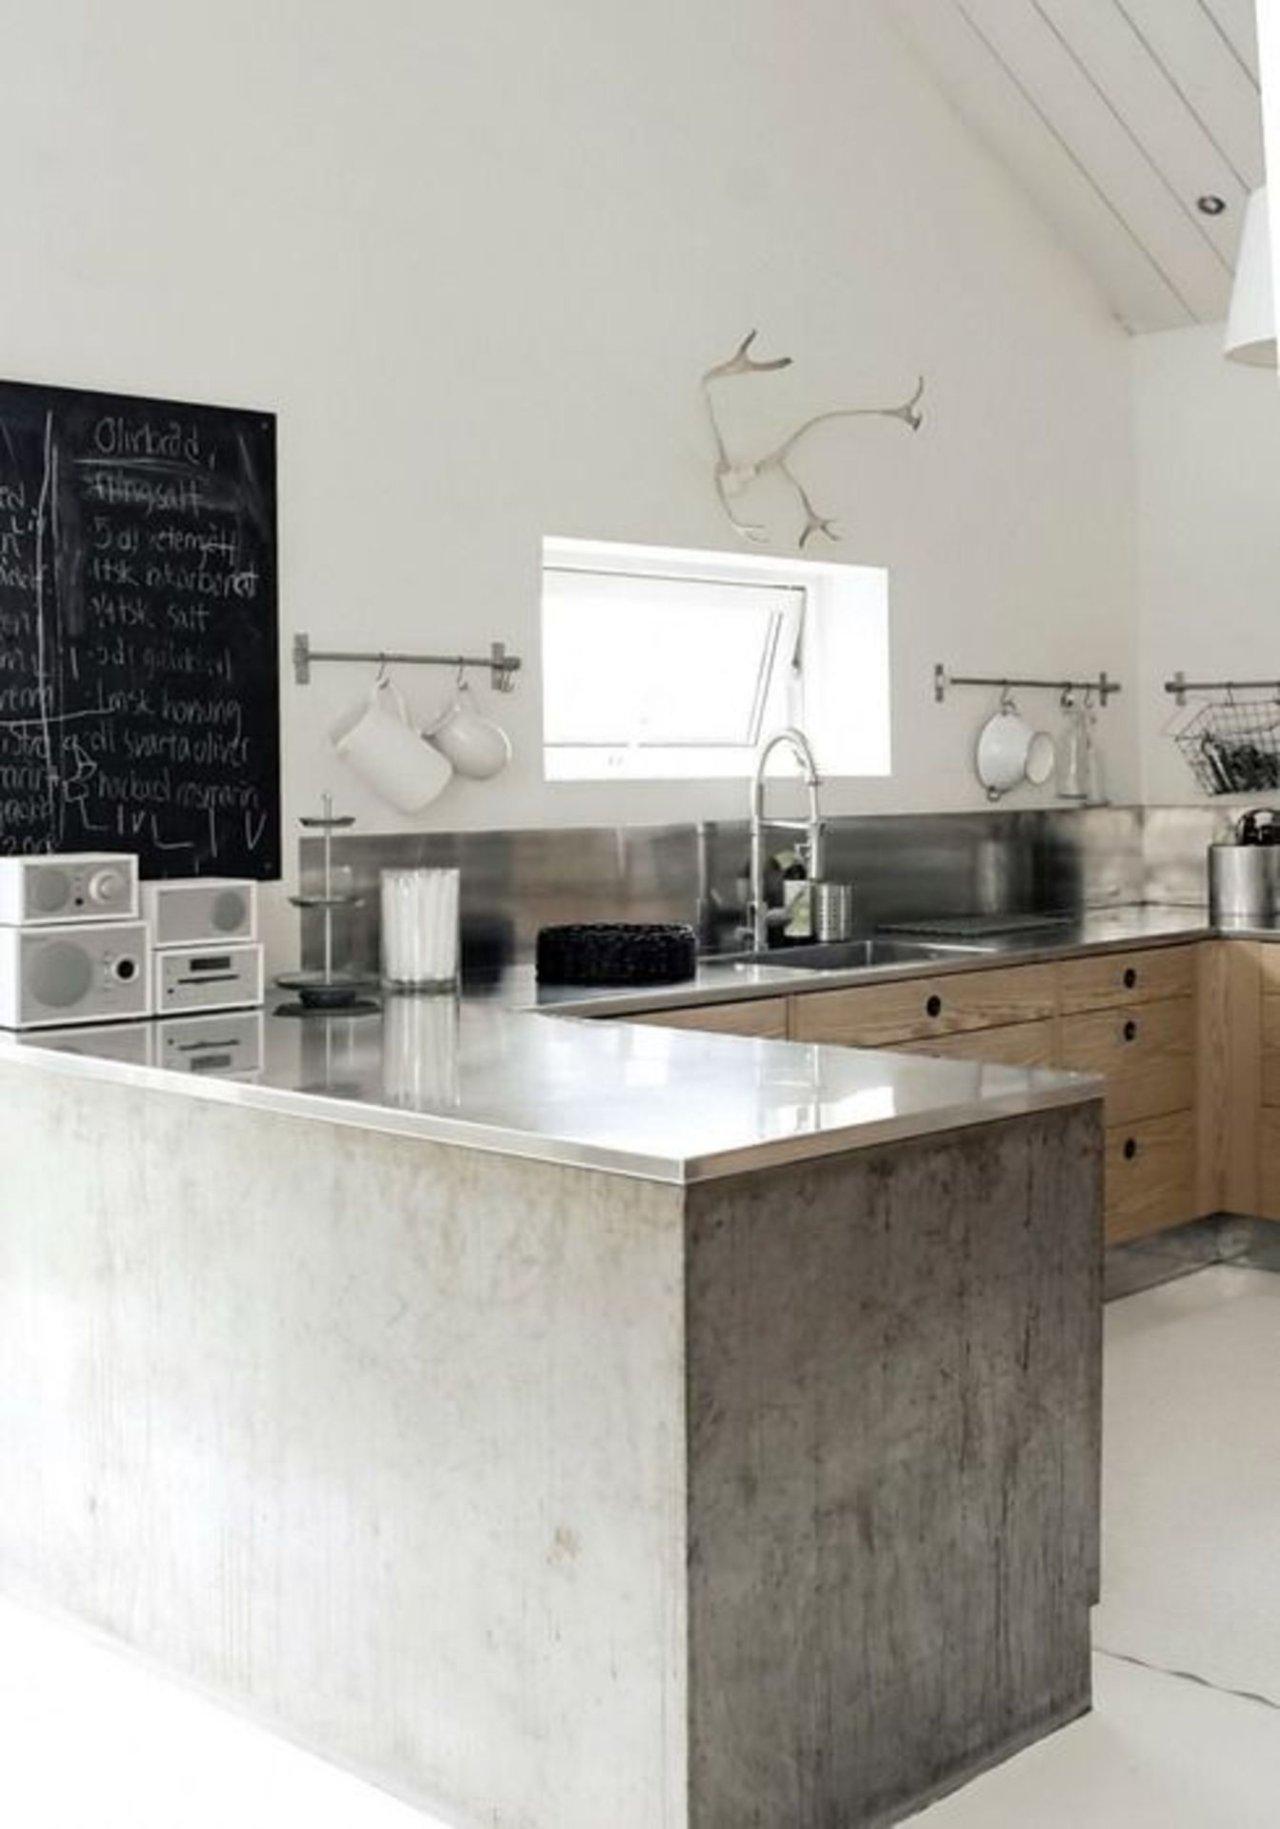 gewei-in-keuken